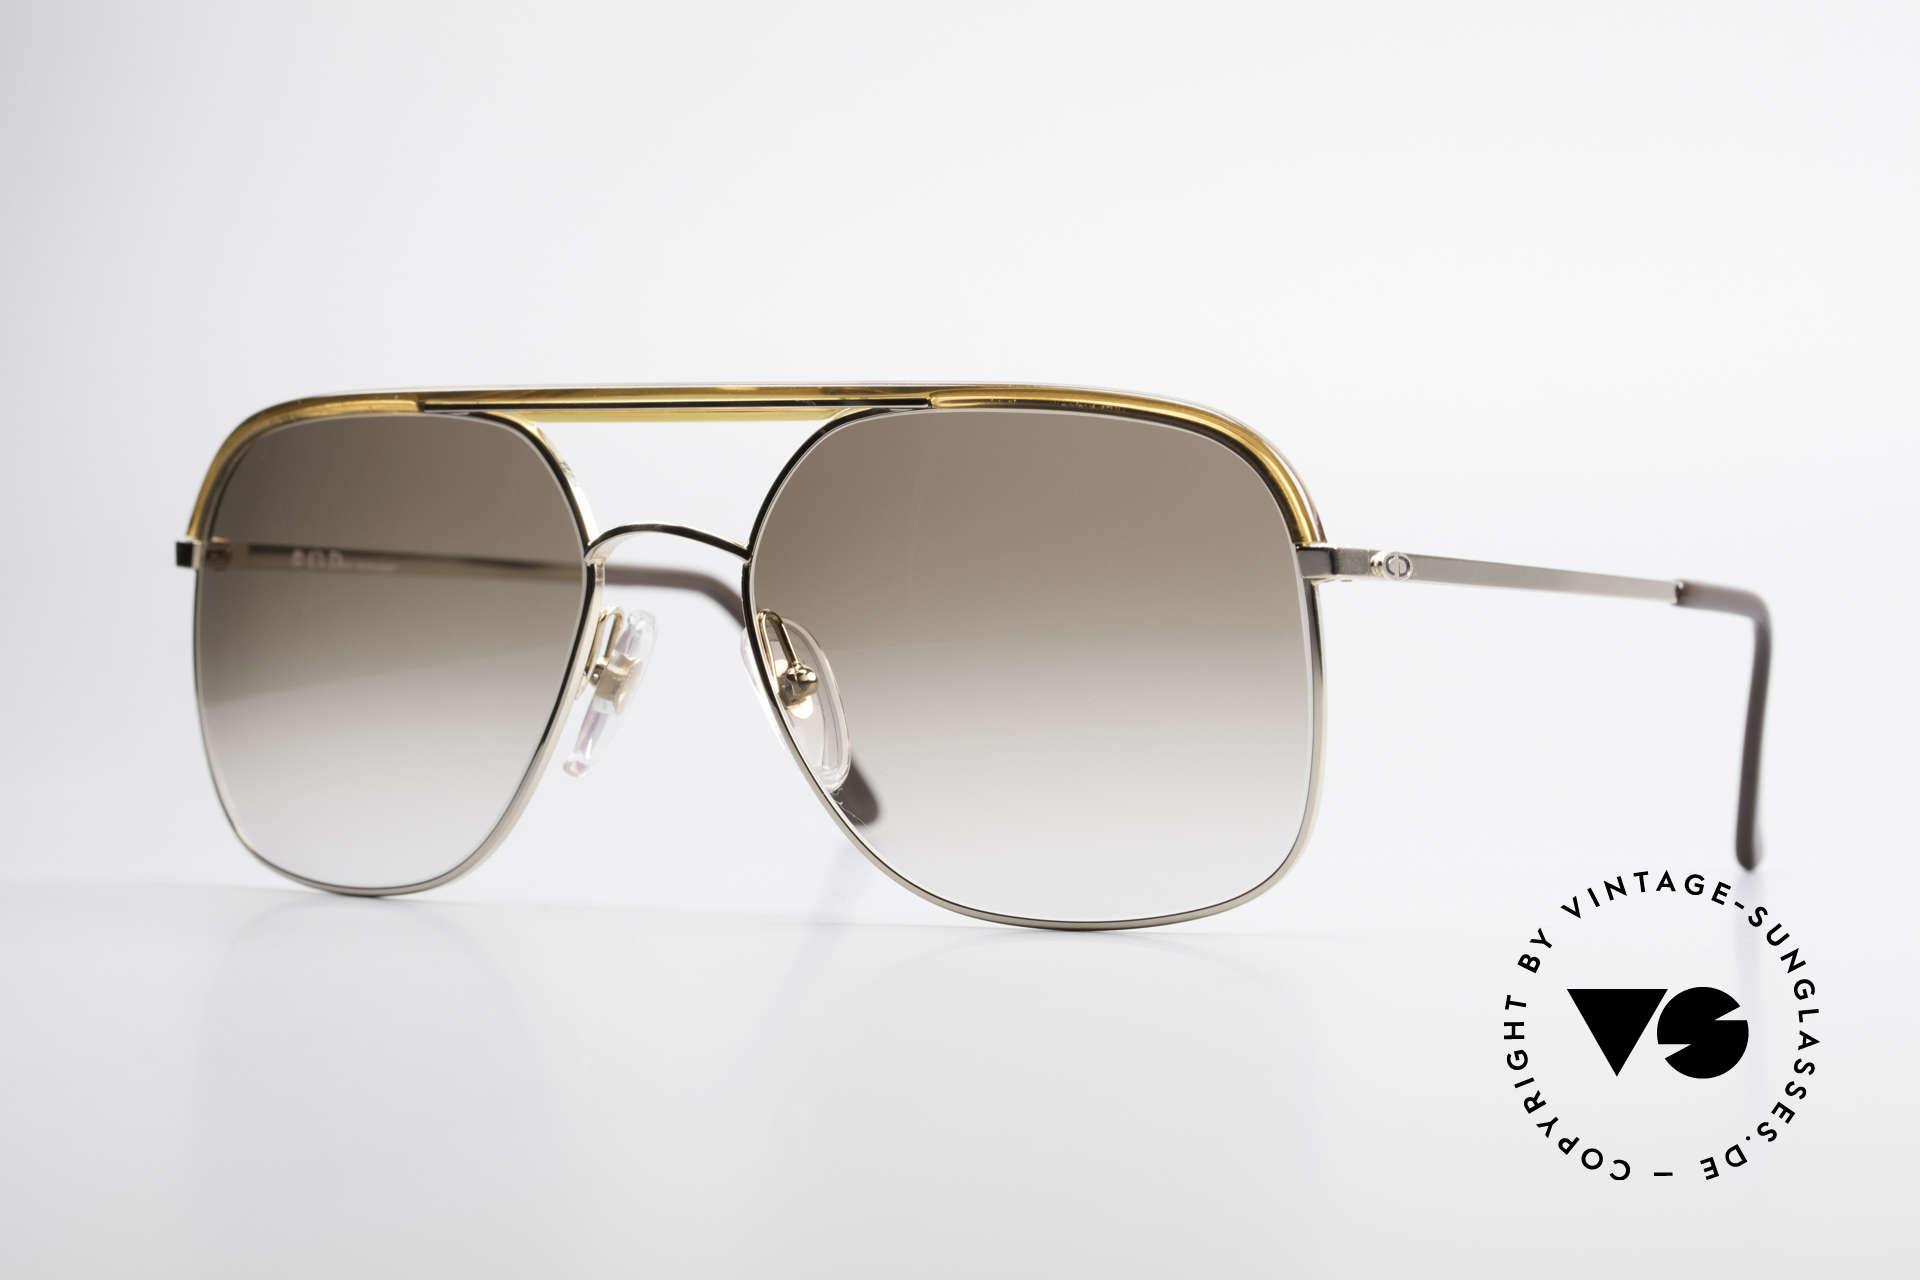 """Christian Dior 2247 80er Herren Sonnenbrille, vintage Sonnenbrille aus der """"Monsieur"""" Serie von Dior, Passend für Herren"""